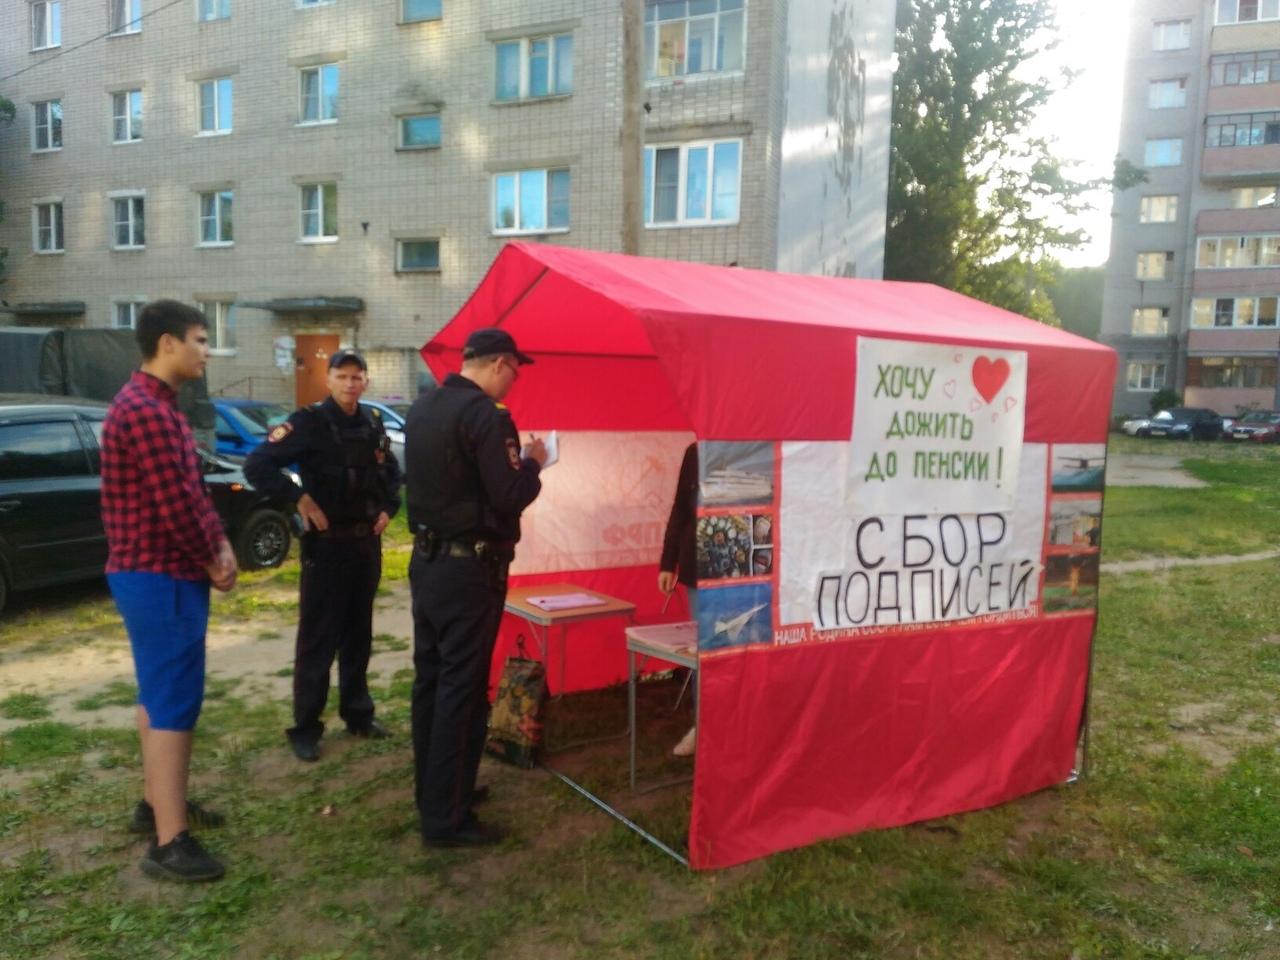 Неизвестные пытались помешать работе КПРФ с помощью полиции